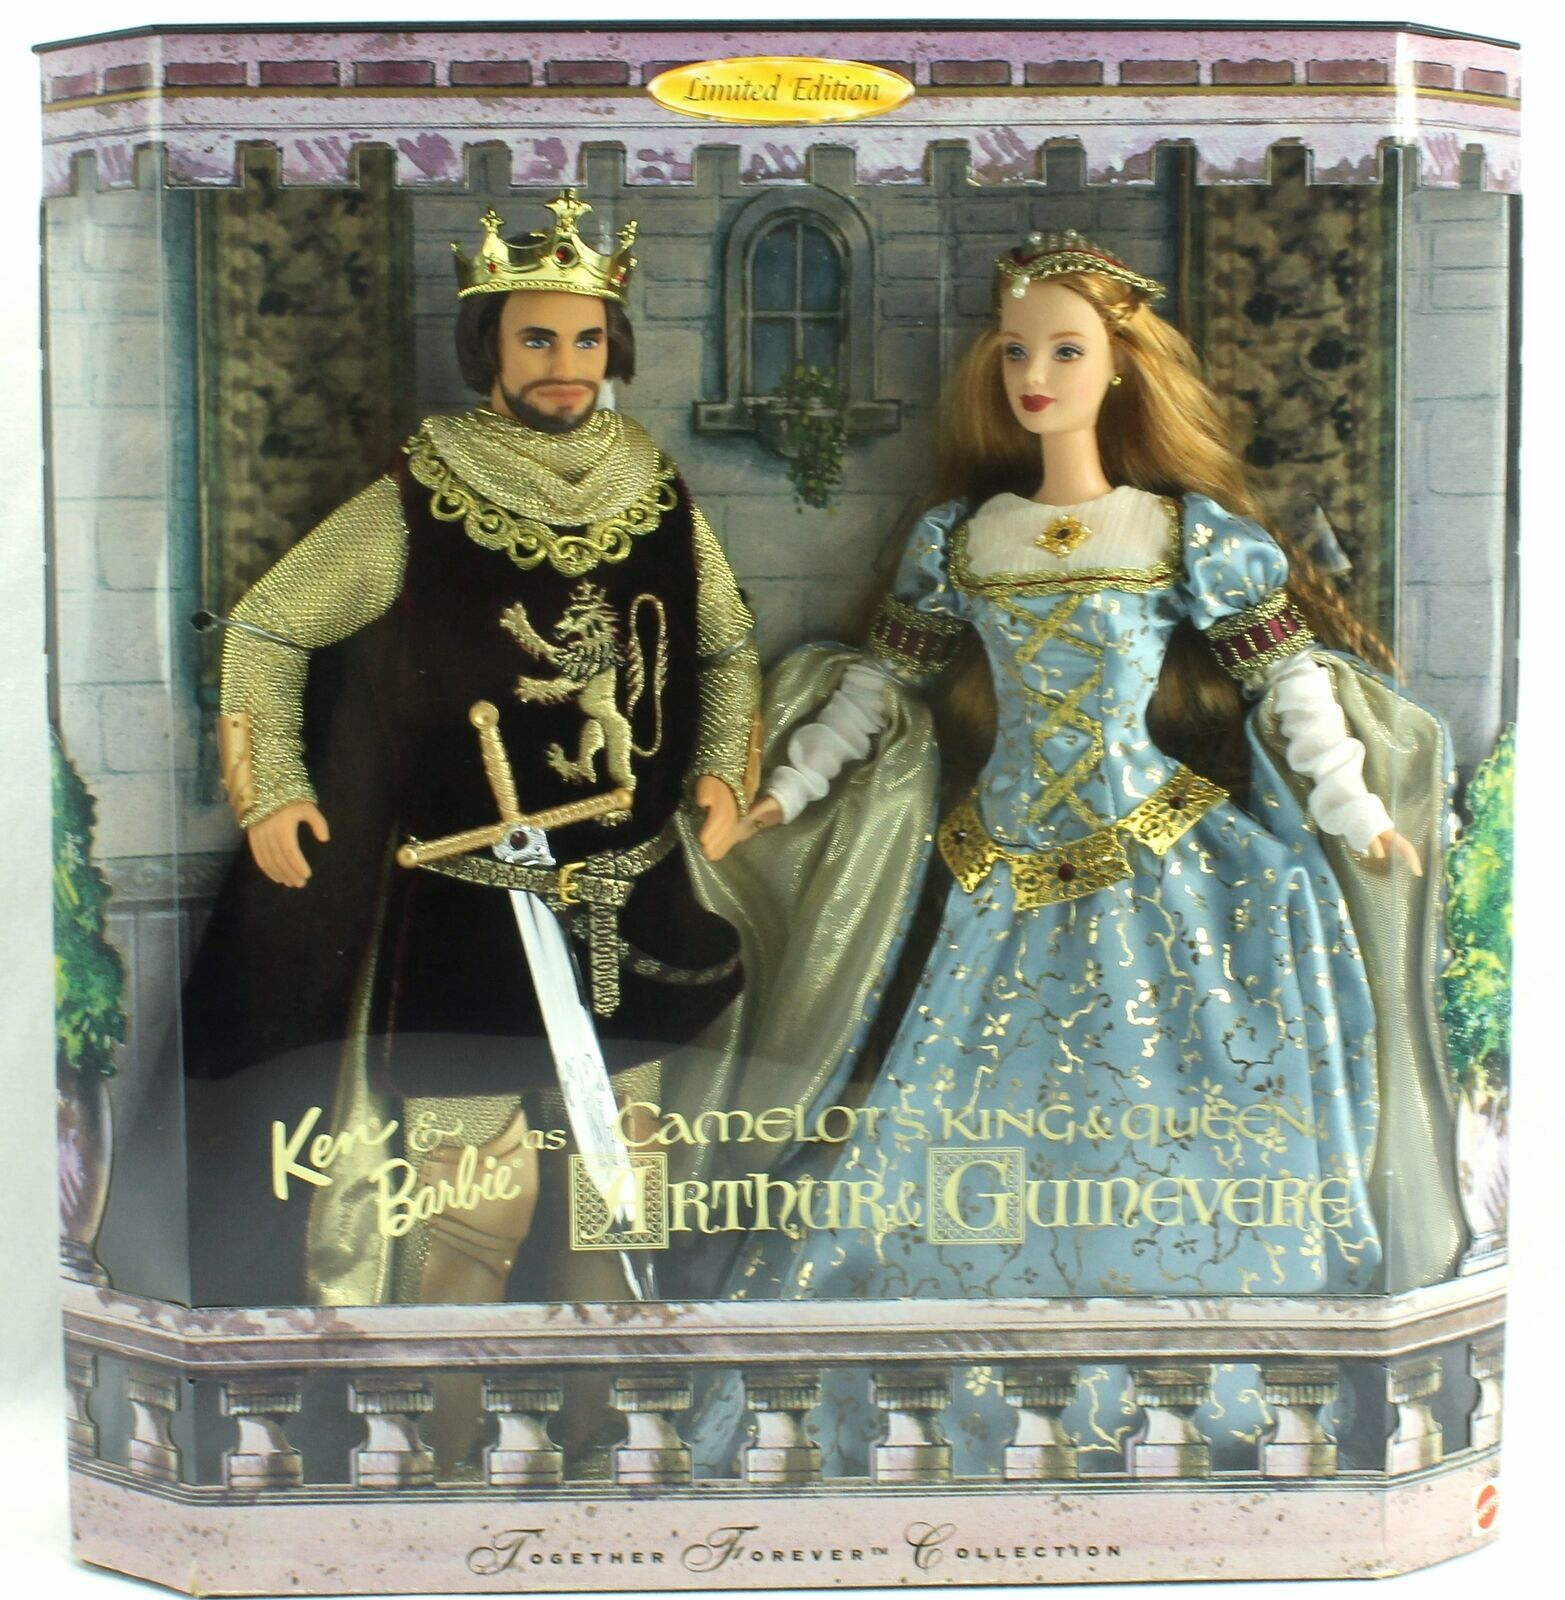 Ken & Barbie Camelot King Arthur Queen Guinevere Together Forever Dolls Ltd Ed